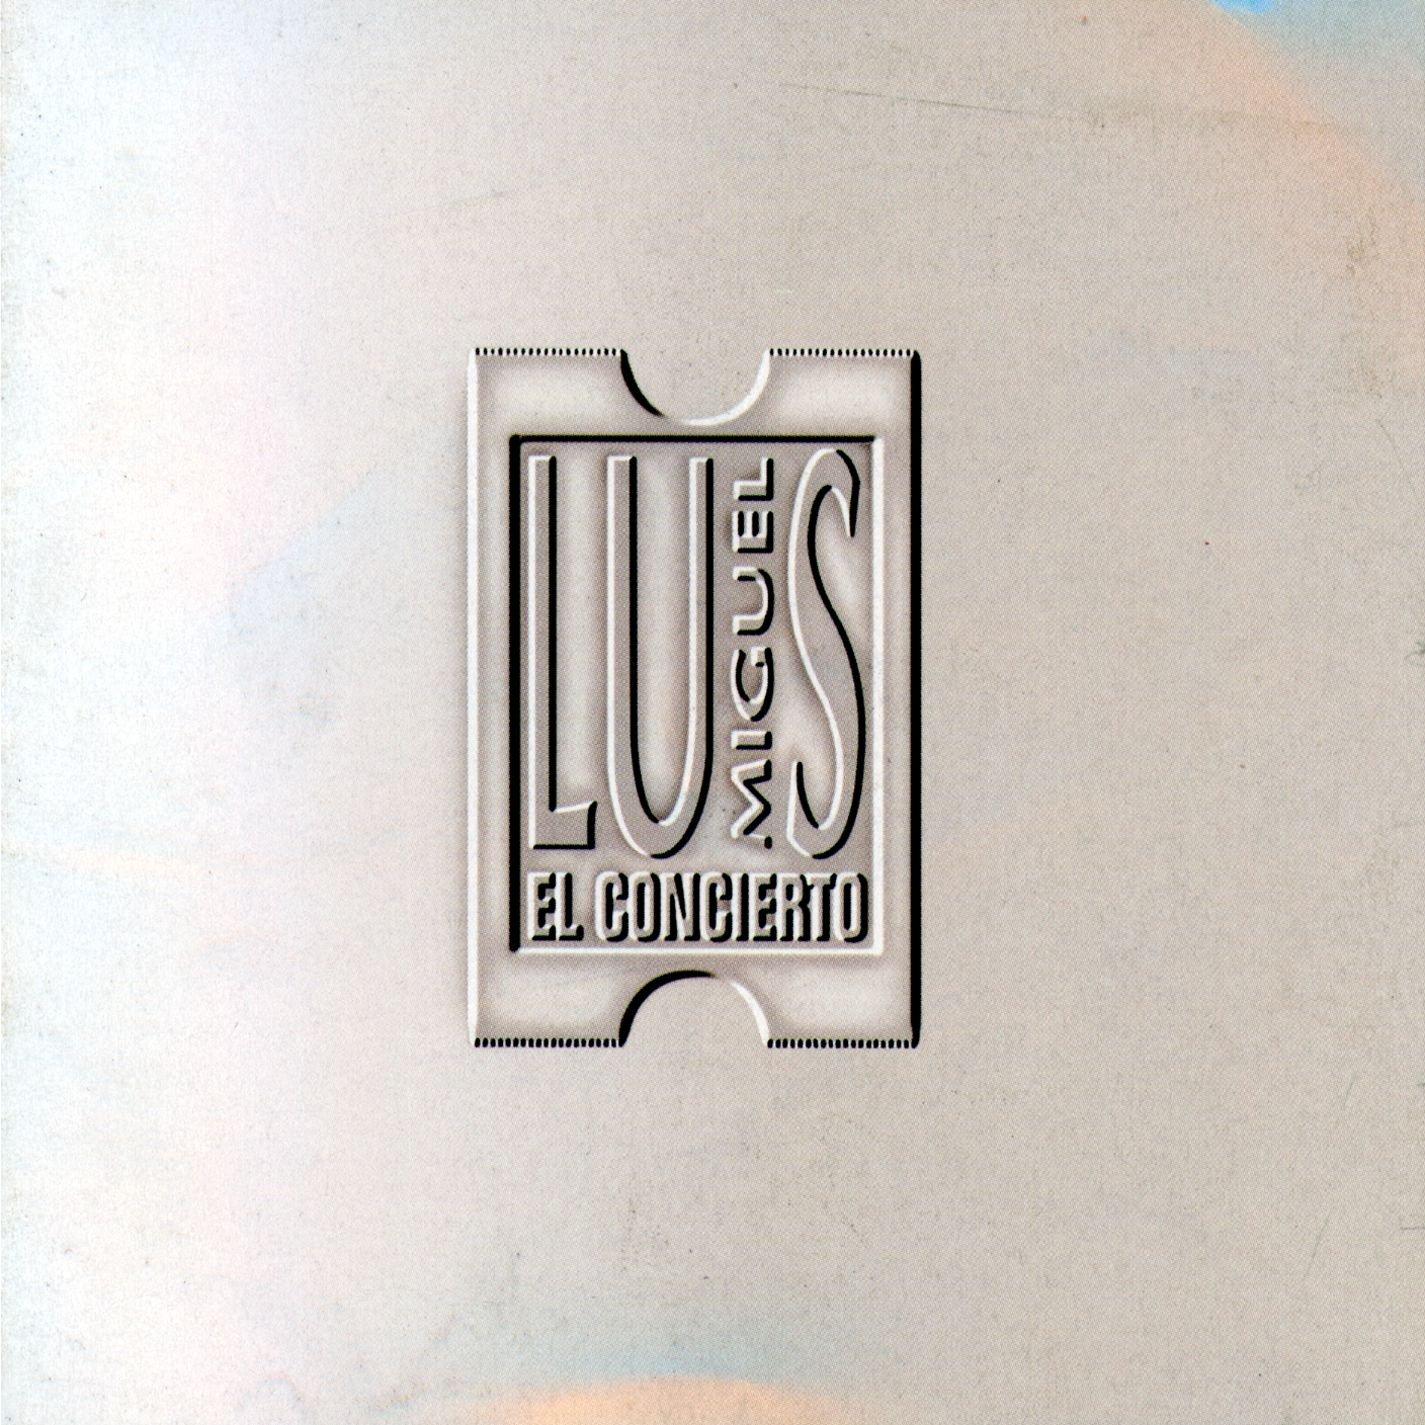 El Concierto by WEA